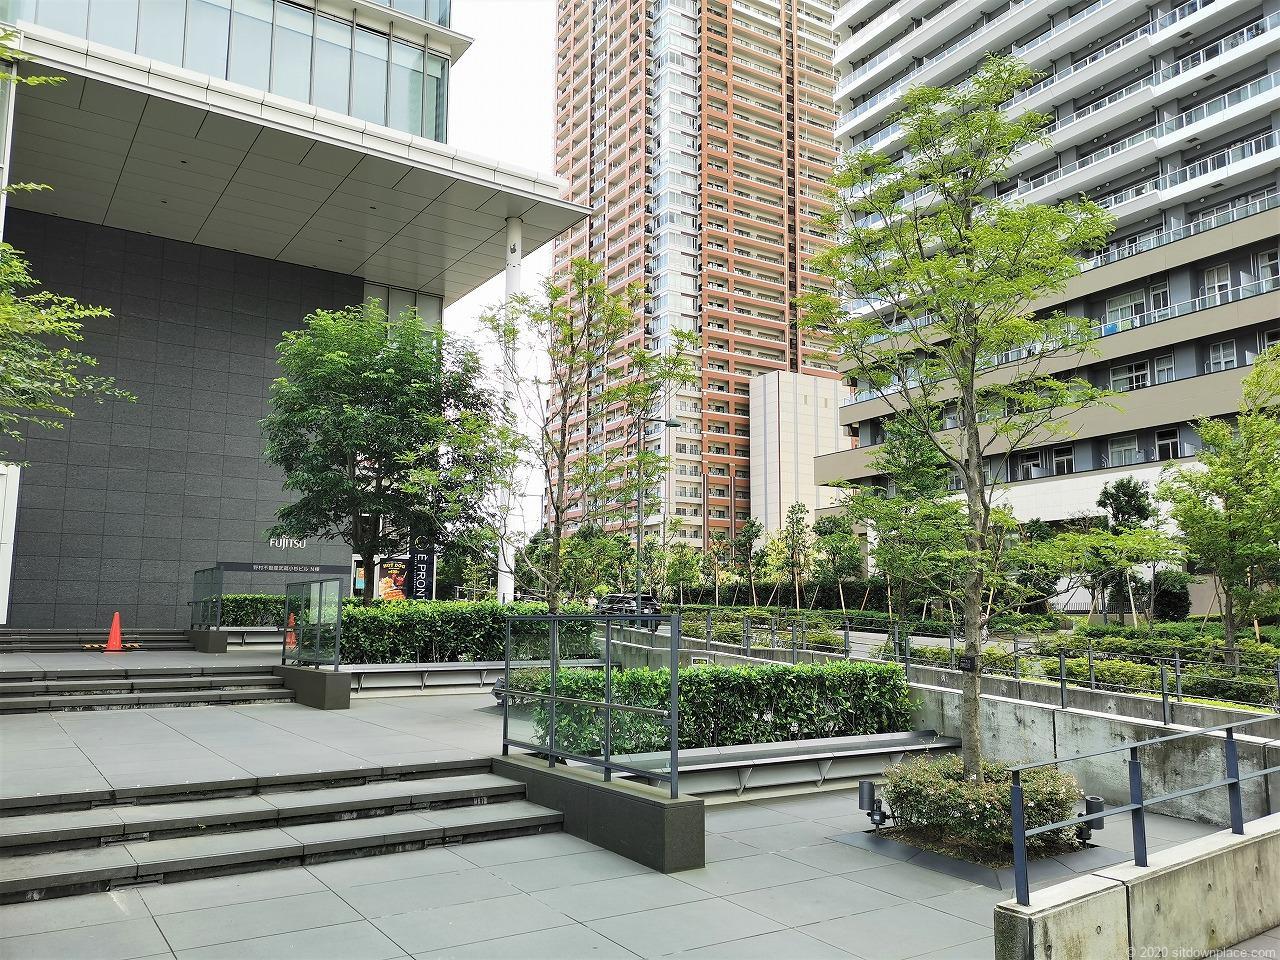 武蔵小杉駅 武蔵小杉ビル公開空地 横須賀線口側の休憩場所1